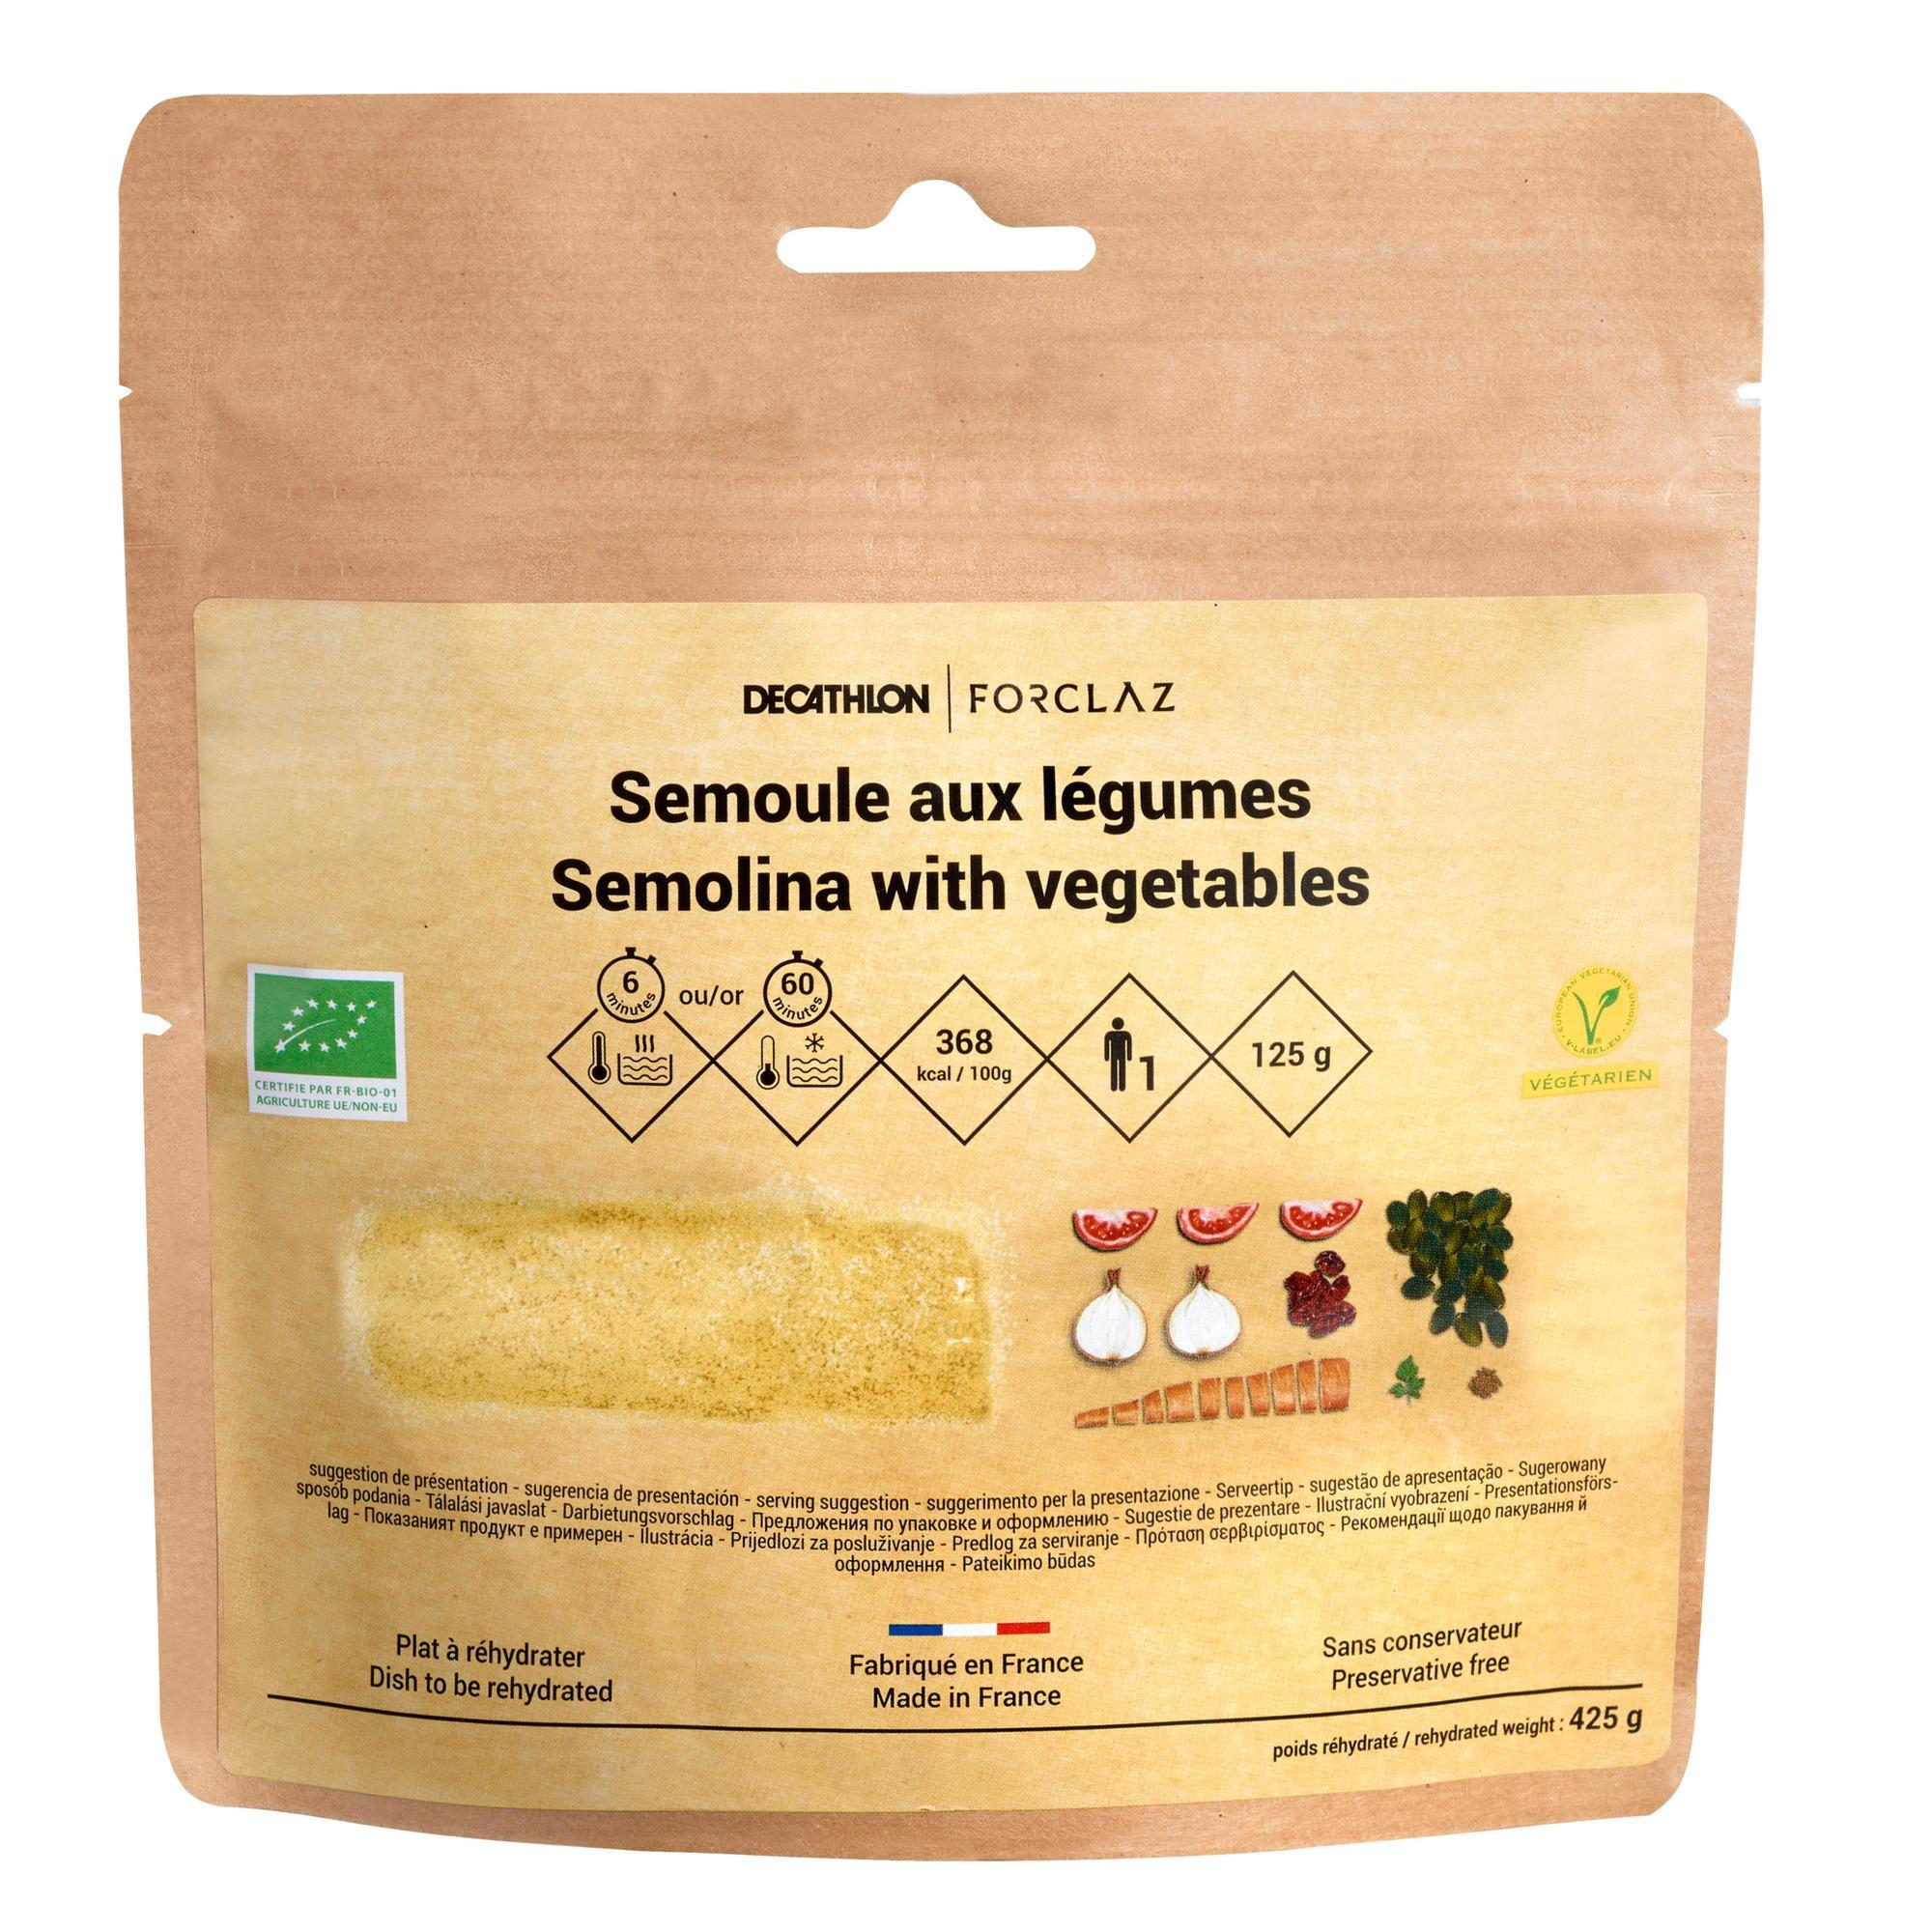 Forclaz Vriesdroogmaaltijd voor trekking bio veggie couscous 125 g